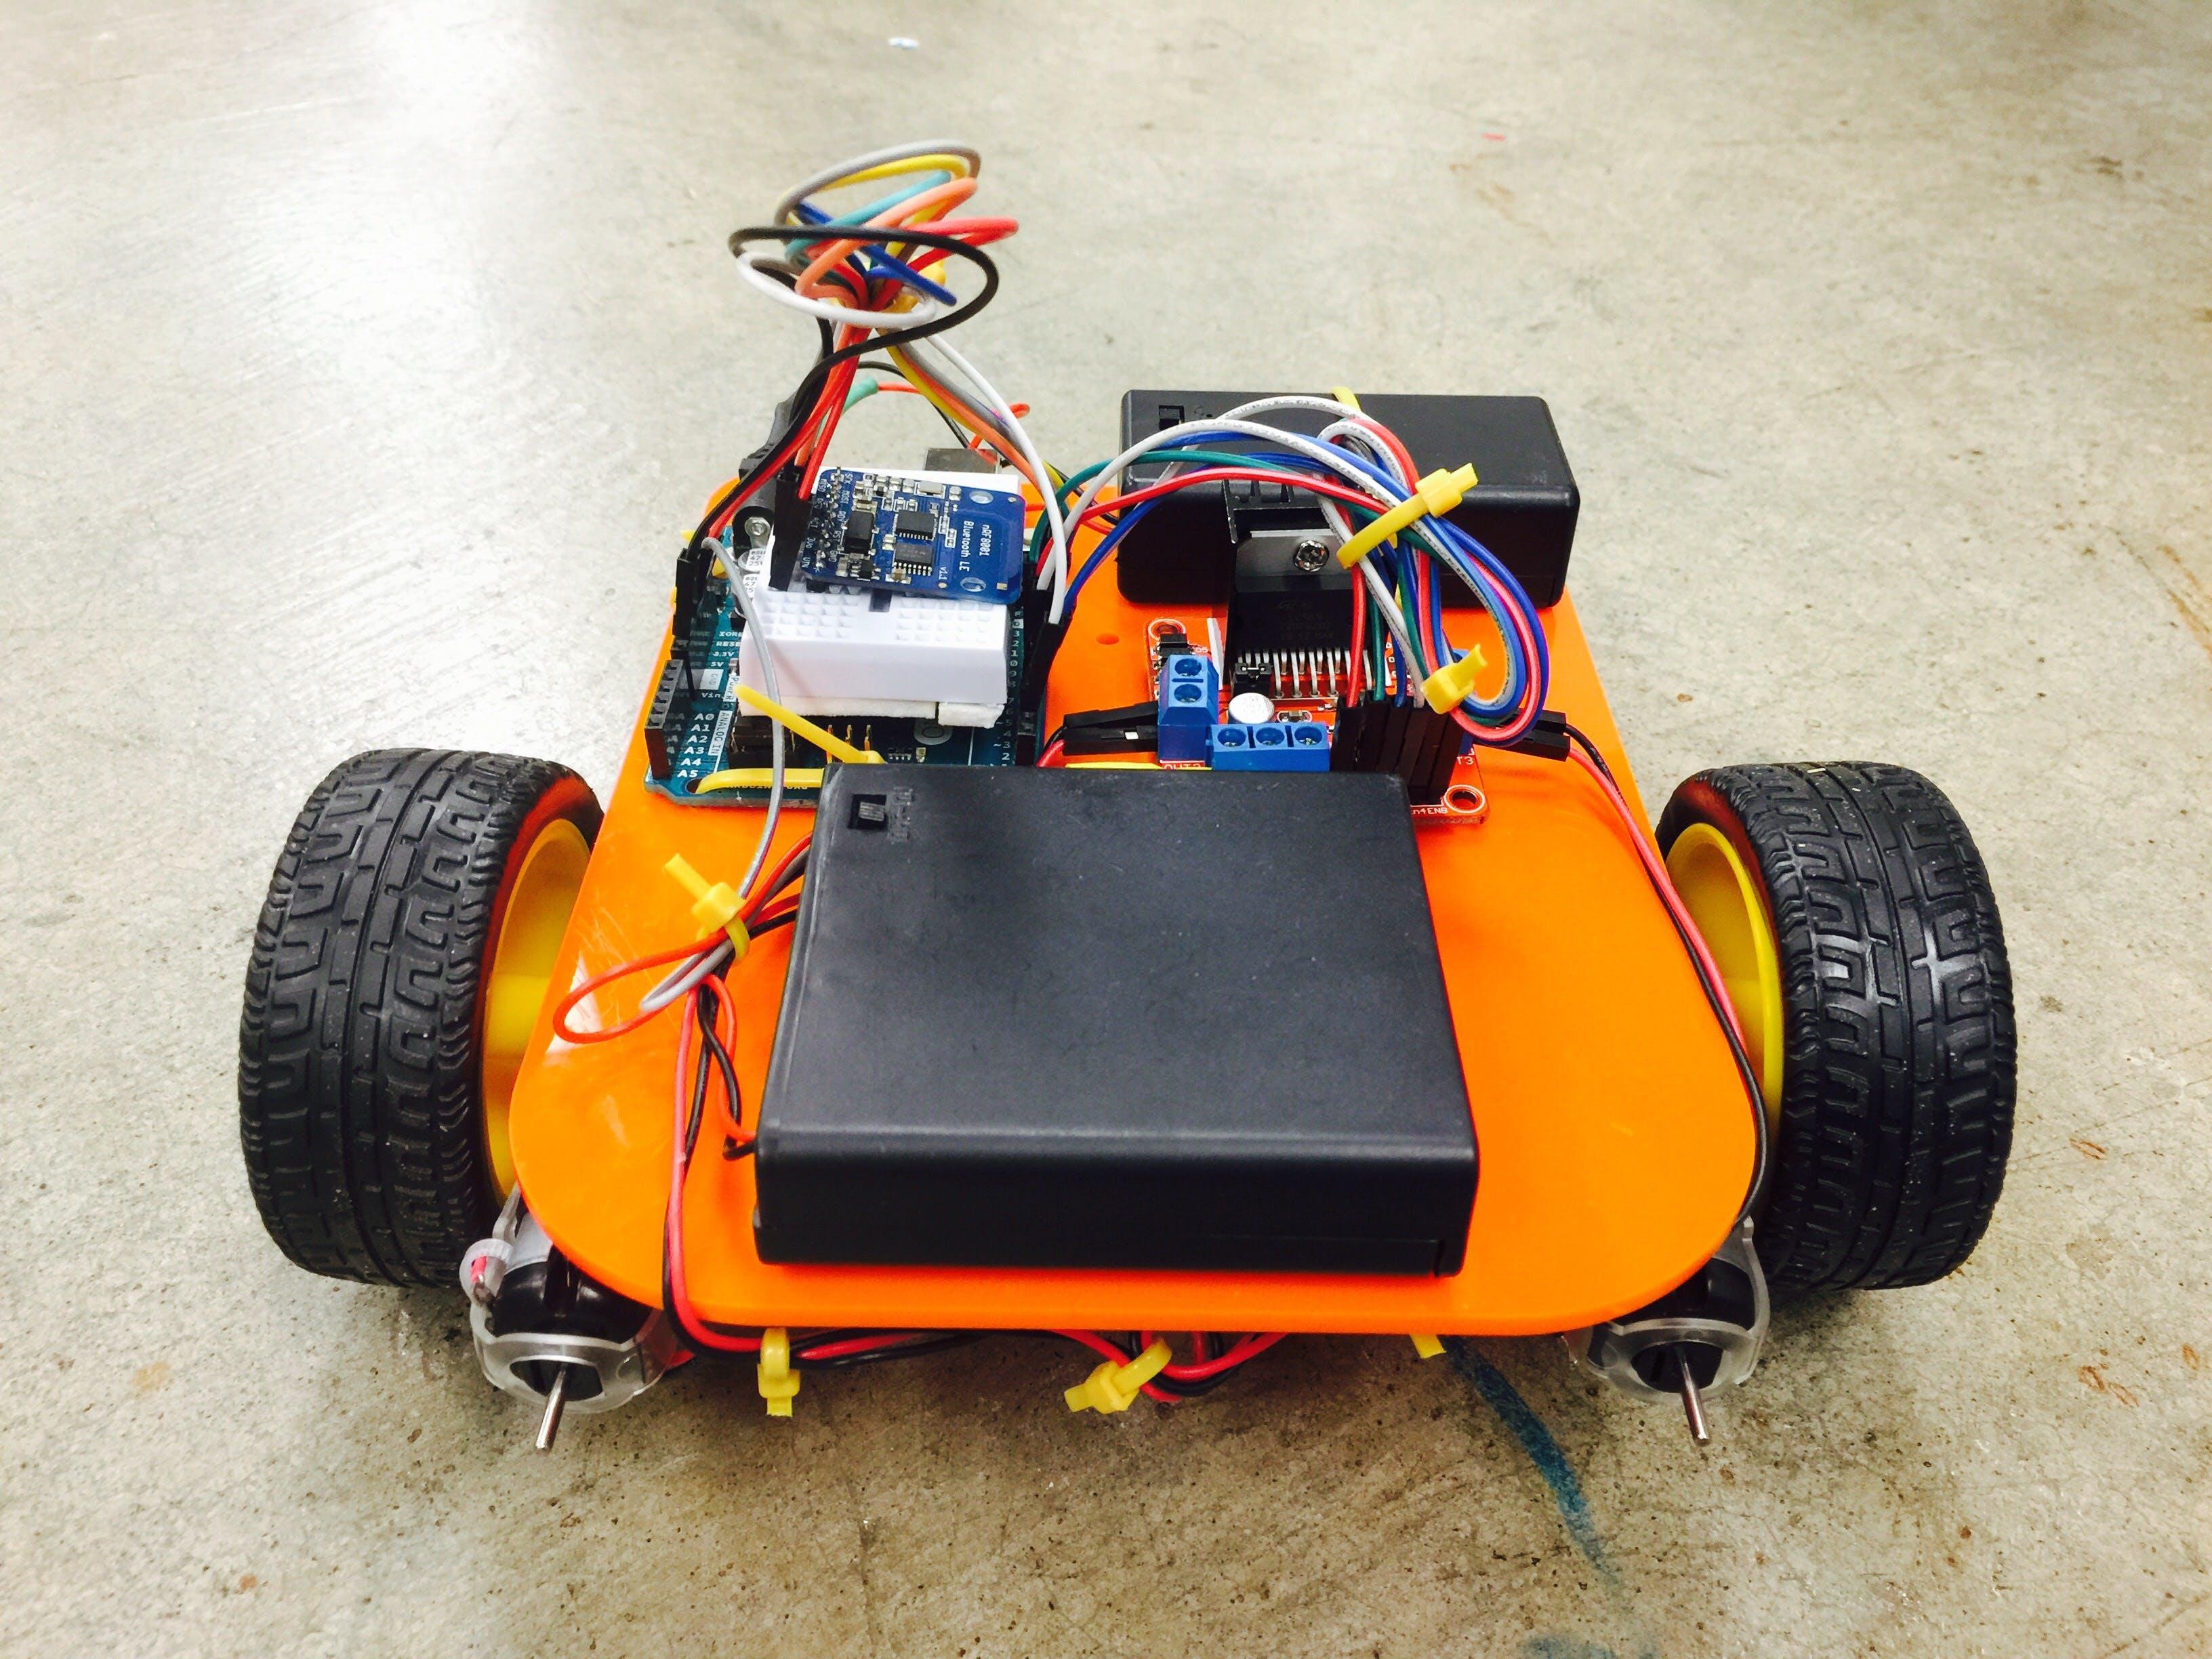 HW 7: Bluetooth-Controlled Car